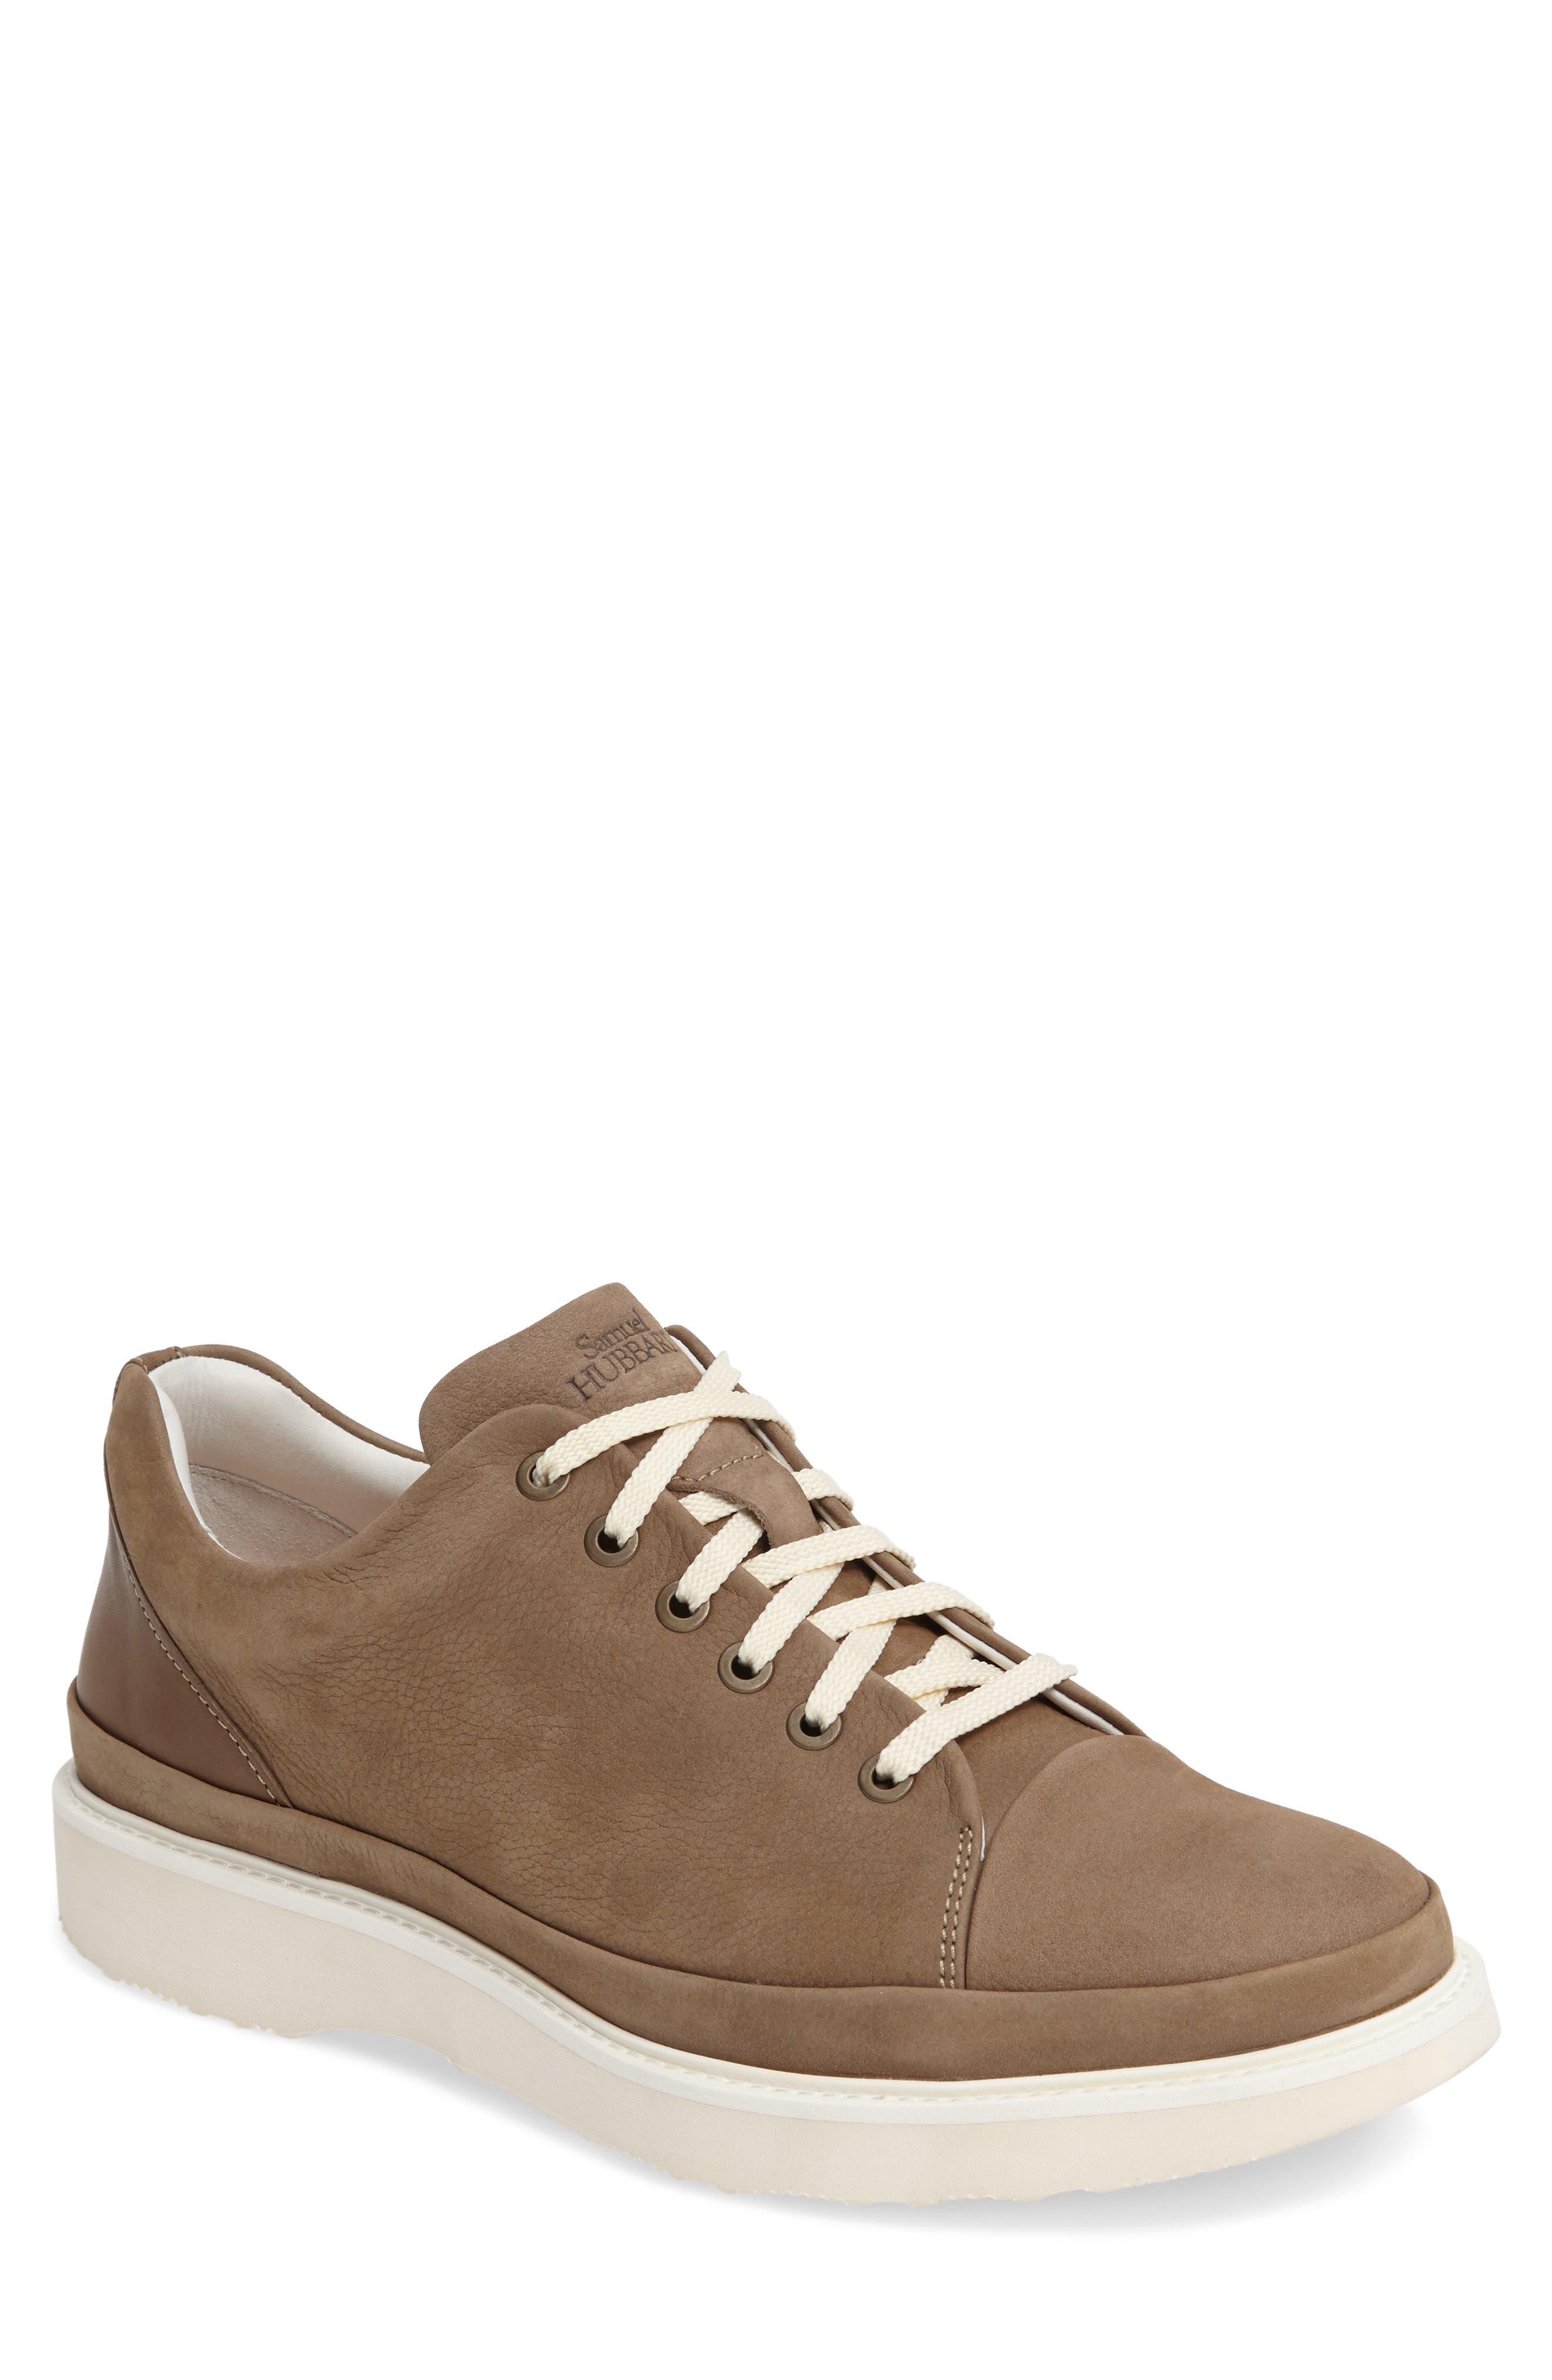 Men's Samuel Hubbard Sneaker, Size 8 M - Beige